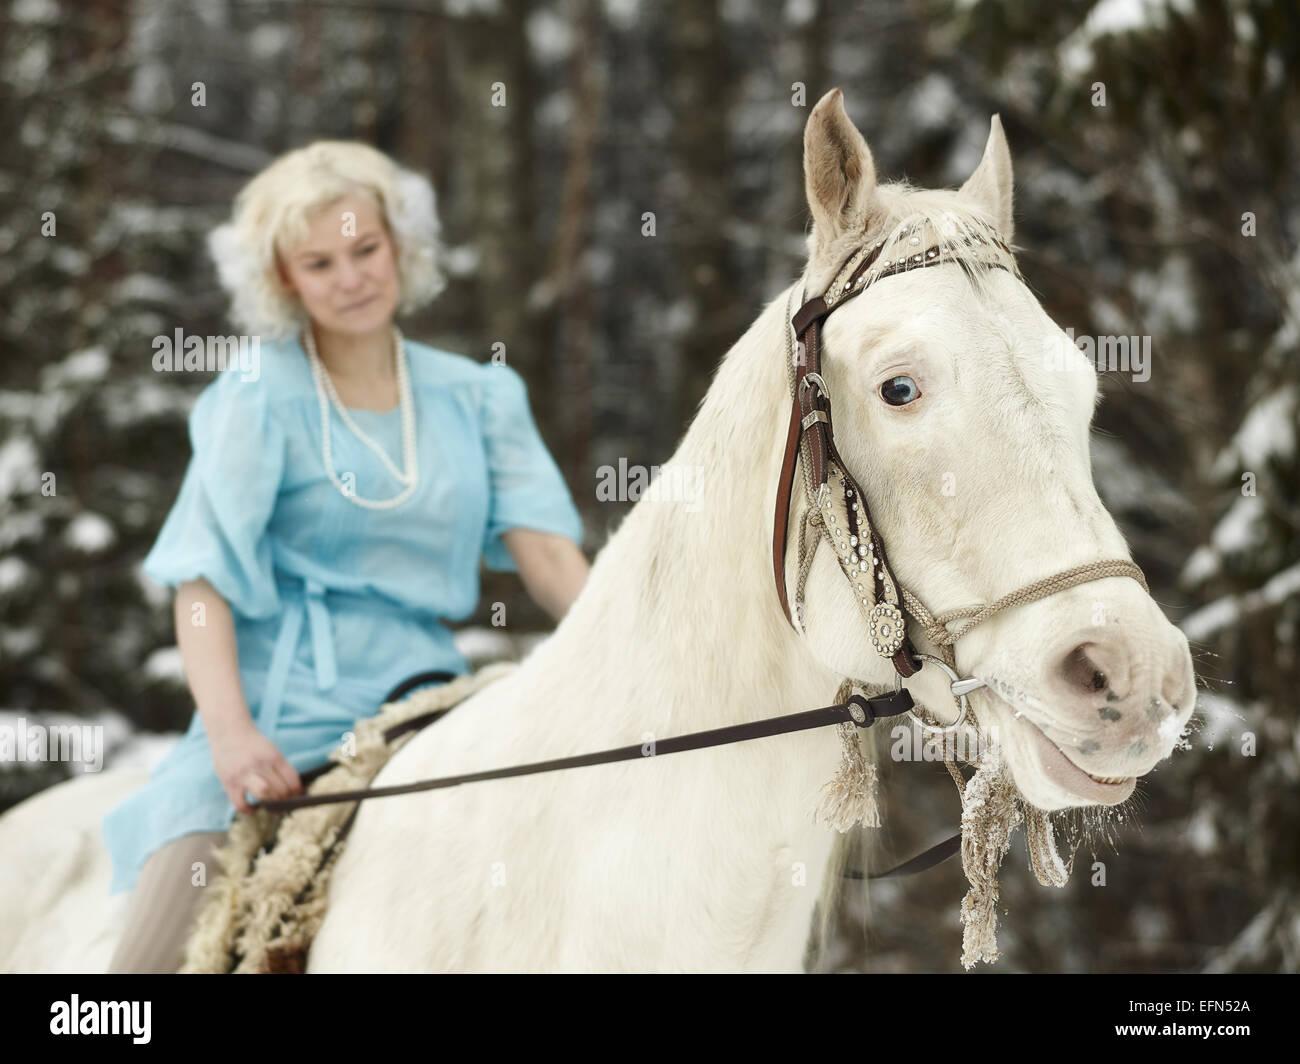 Donna attraente indossando abiti blu e lei in sella ad un cavallo bianco, concentrarsi su gli occhi del cavallo Immagini Stock